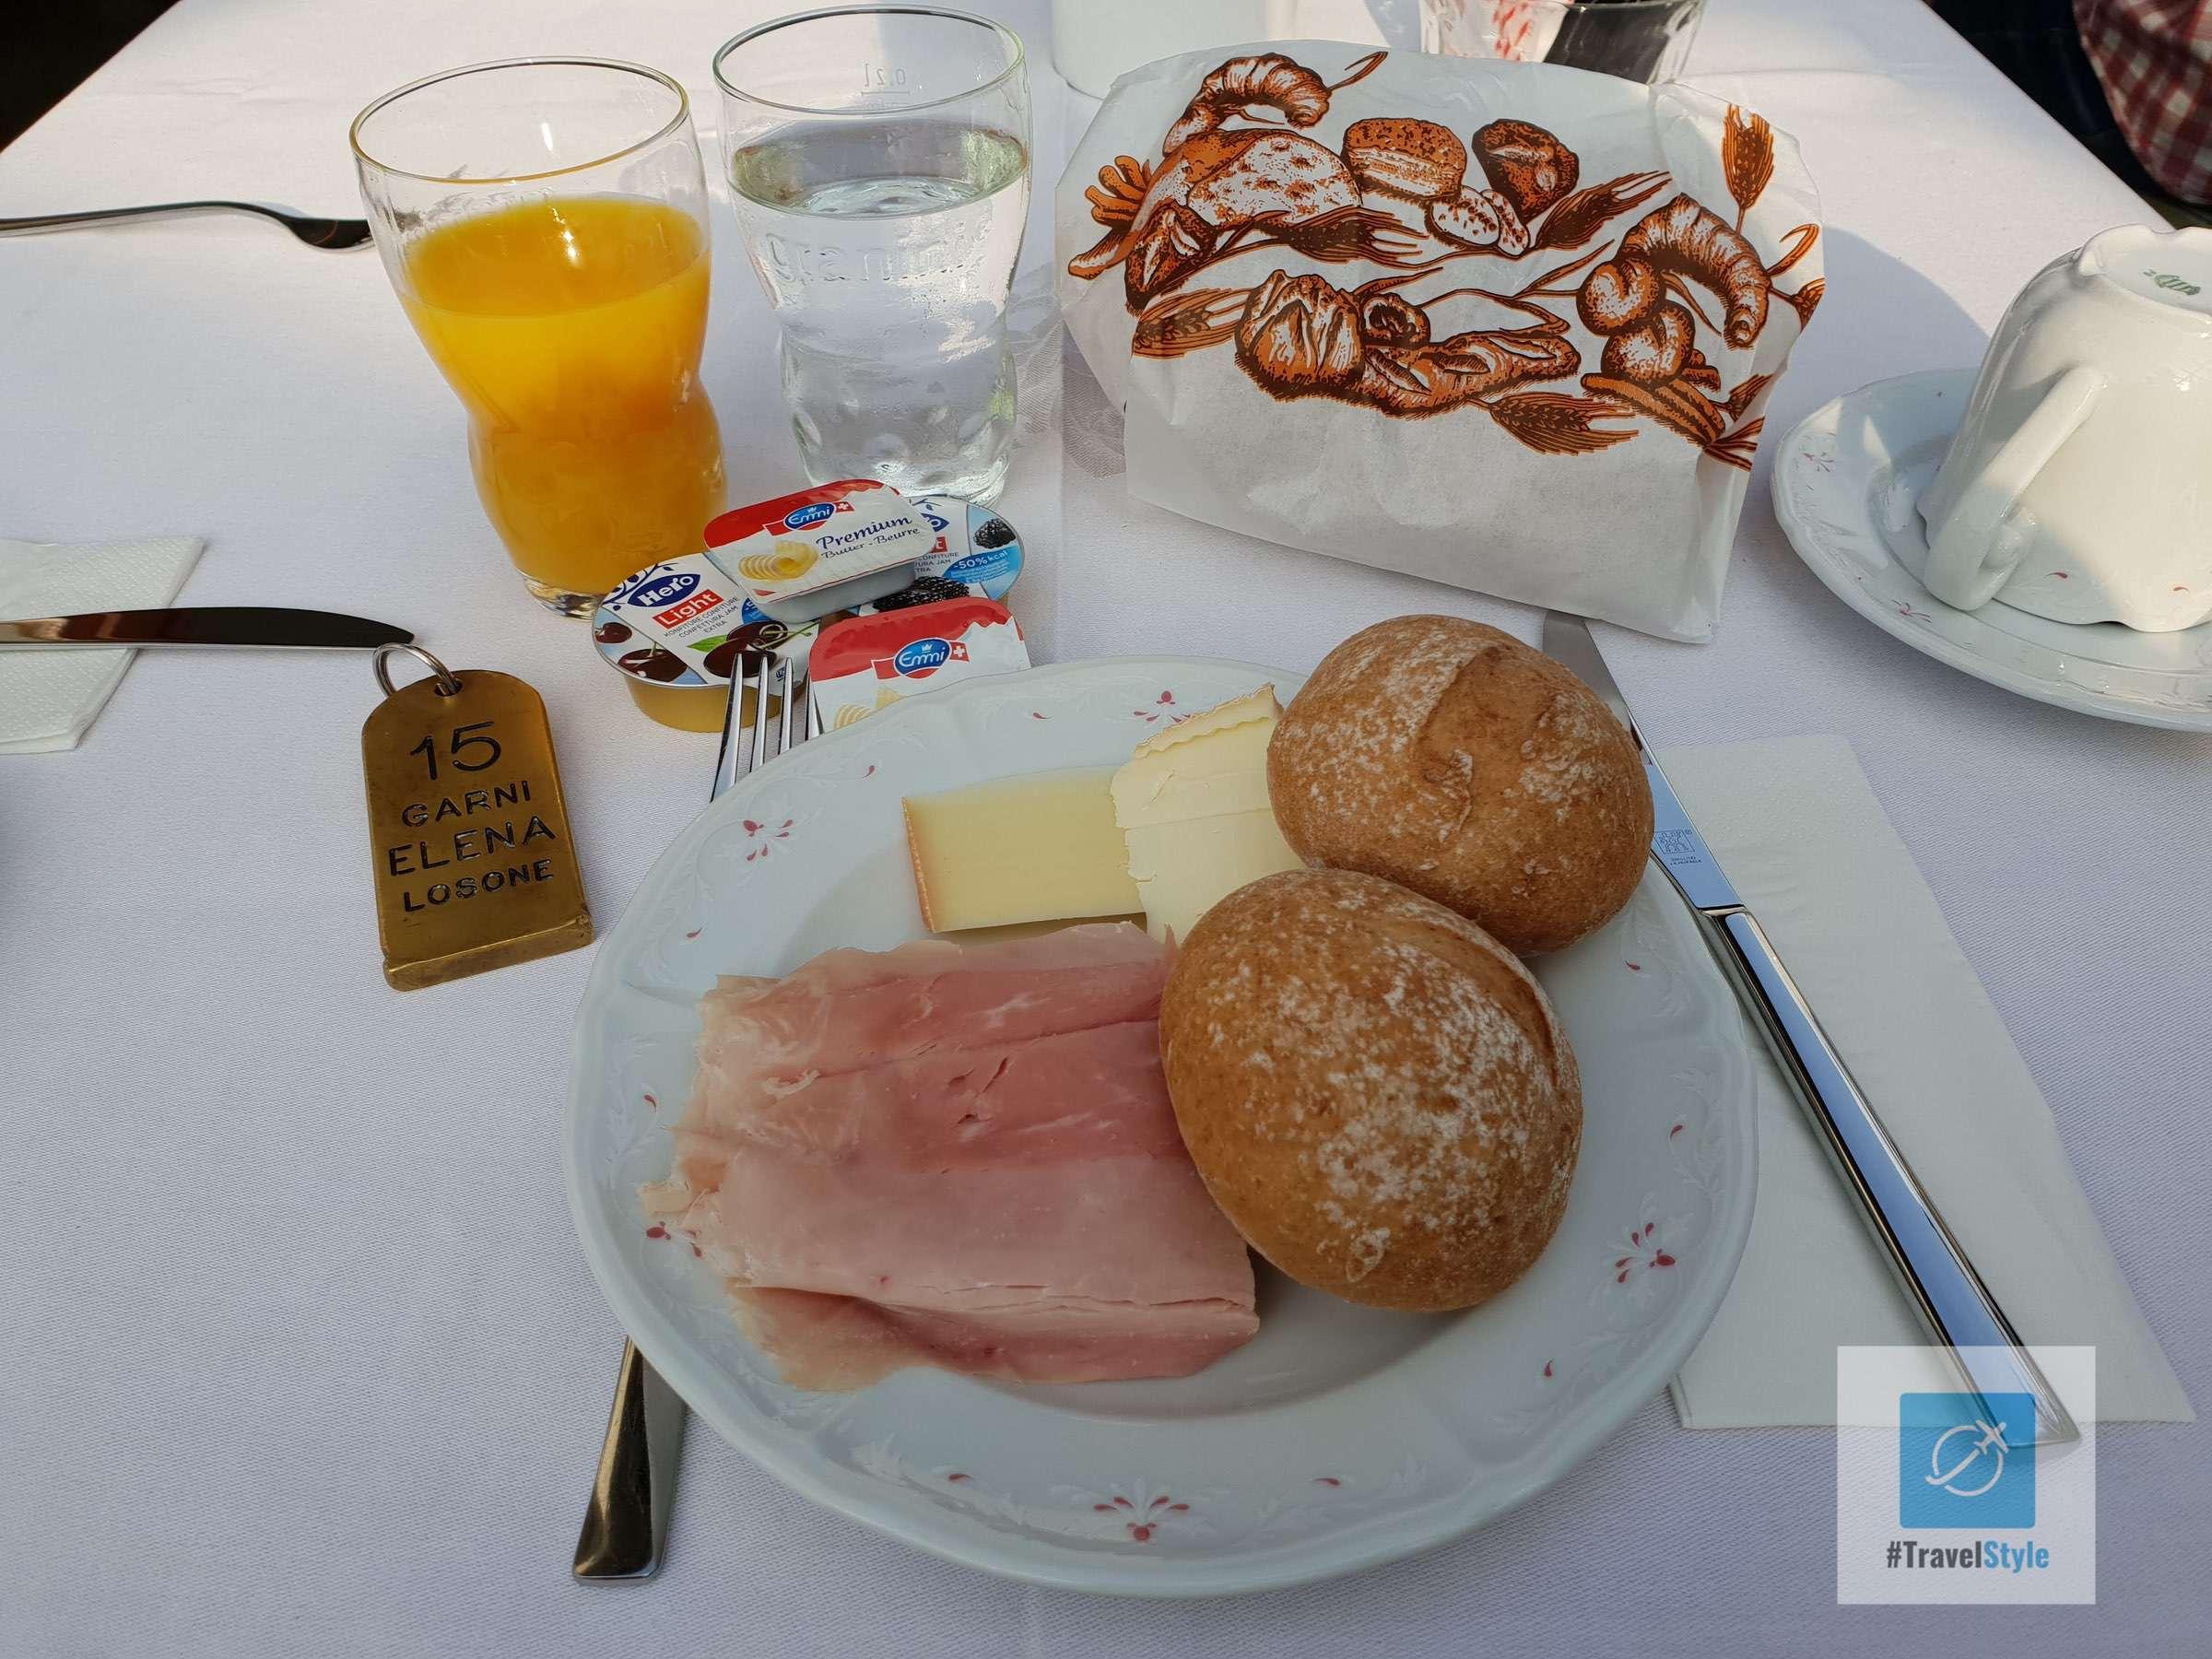 Mein Frühstück - mit leckeren, glutunfreien Brötchen